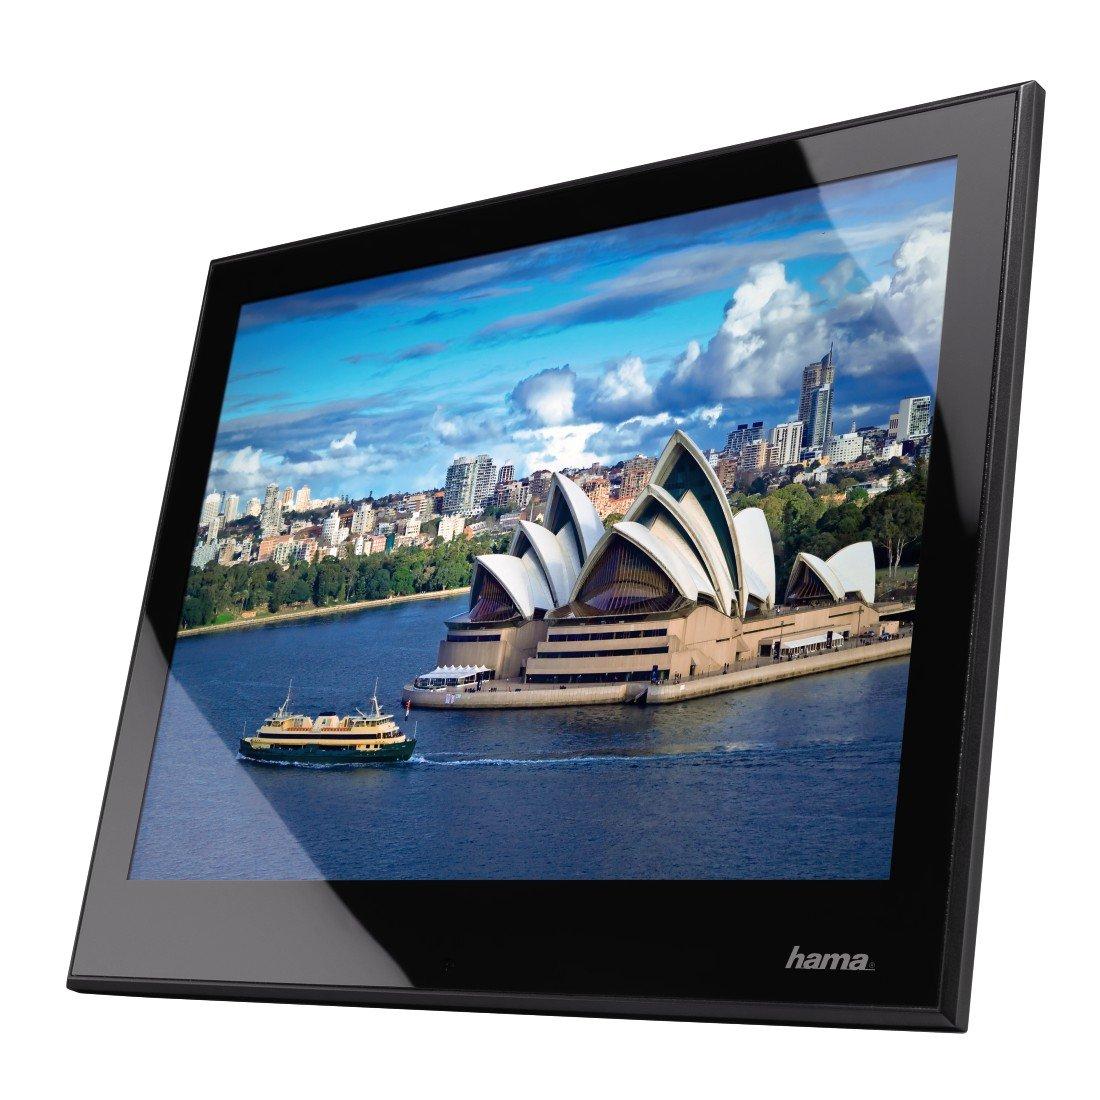 Hama Digitaler Bilderrahmen Slimline Premium Acryl 9,7: Amazon.de ...